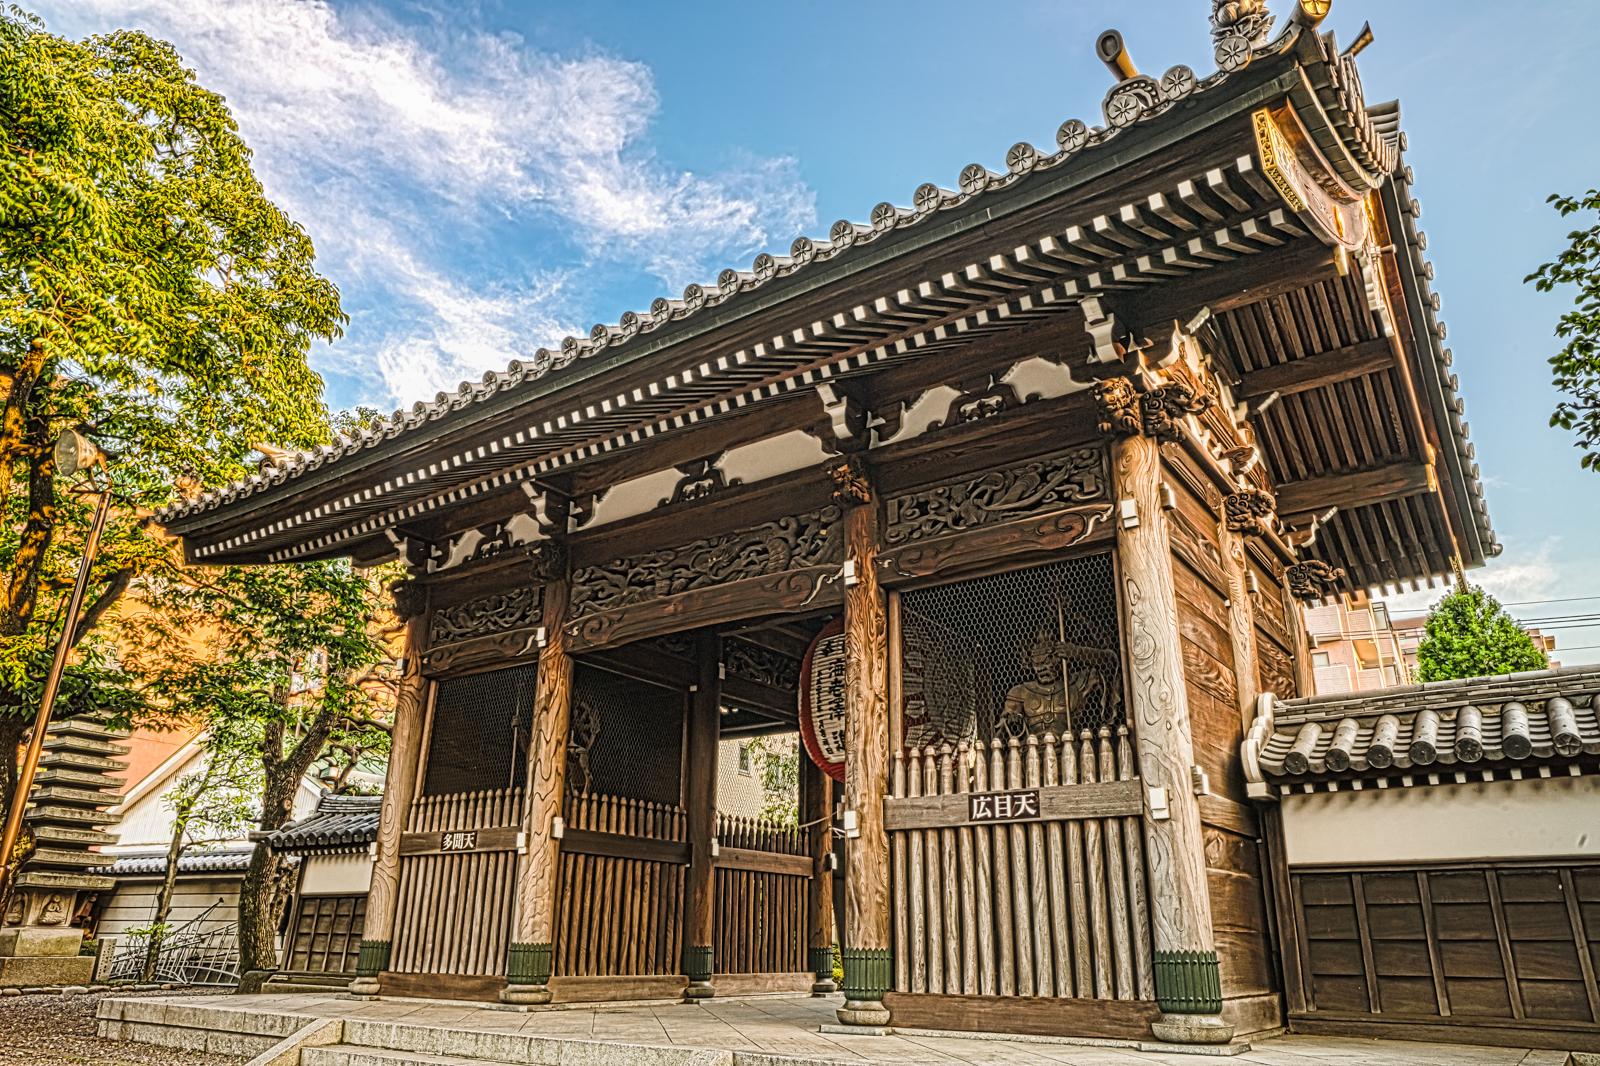 新東京百景 田無山、総持寺の仁王門境内側の写真